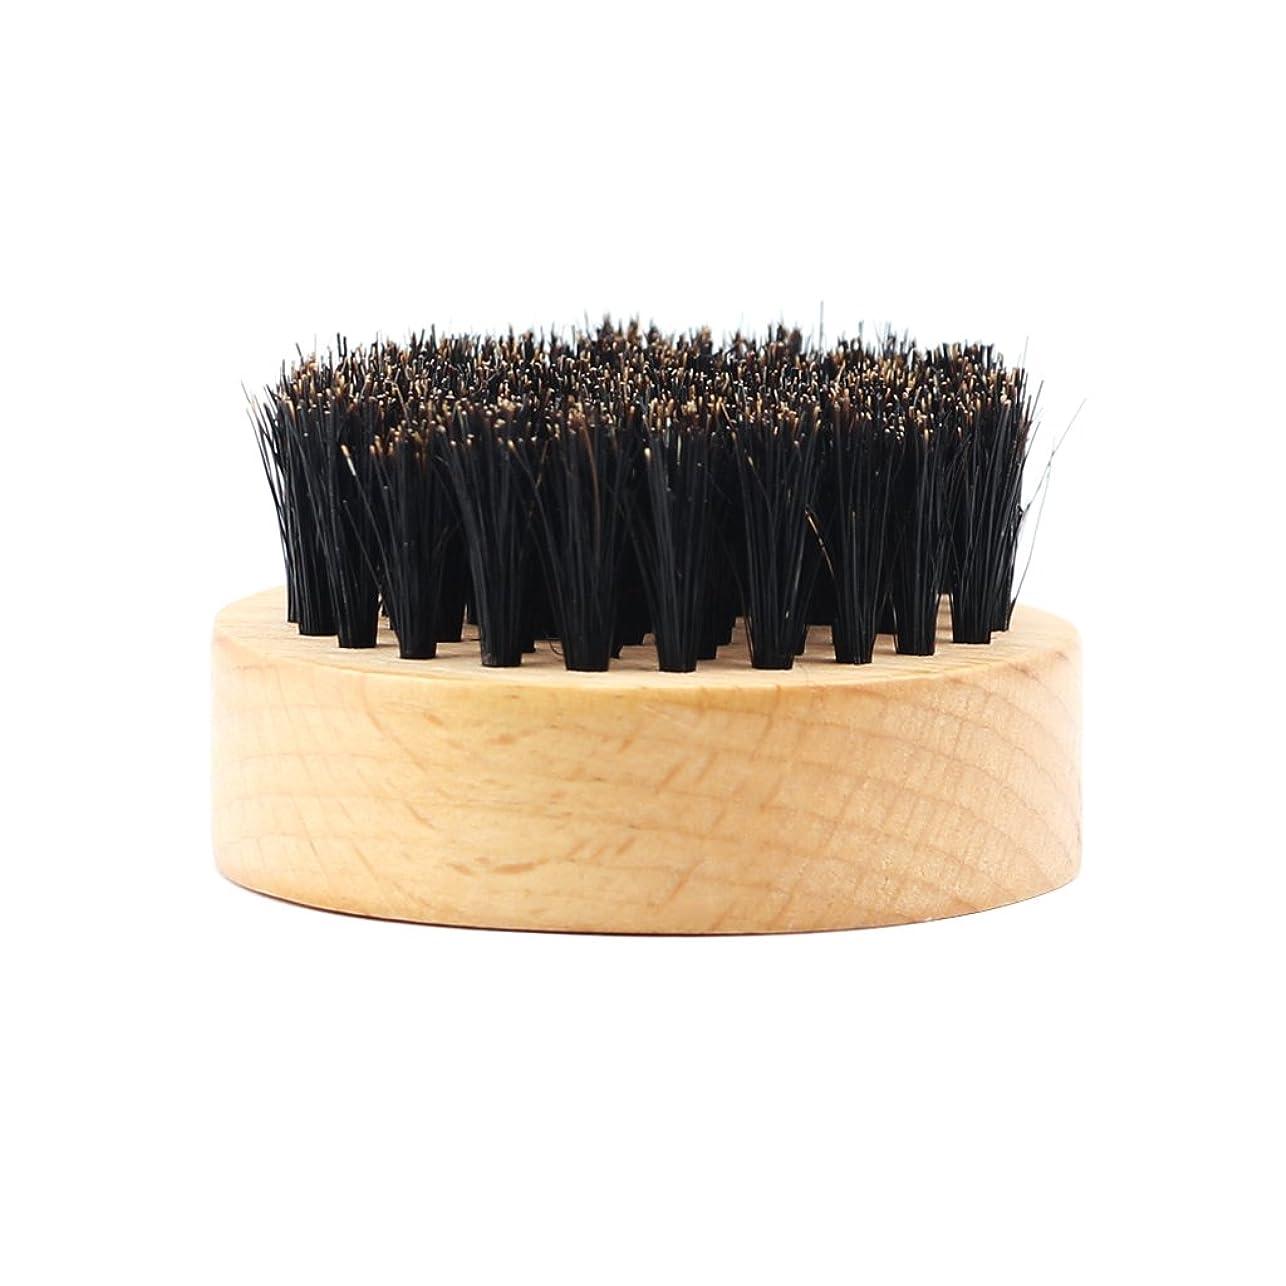 ご近所ラケット暗記するB Blesiya ひげ髭   ブラシ ひげ  櫛 メンズ プレゼント 2タイプ選択 - #2